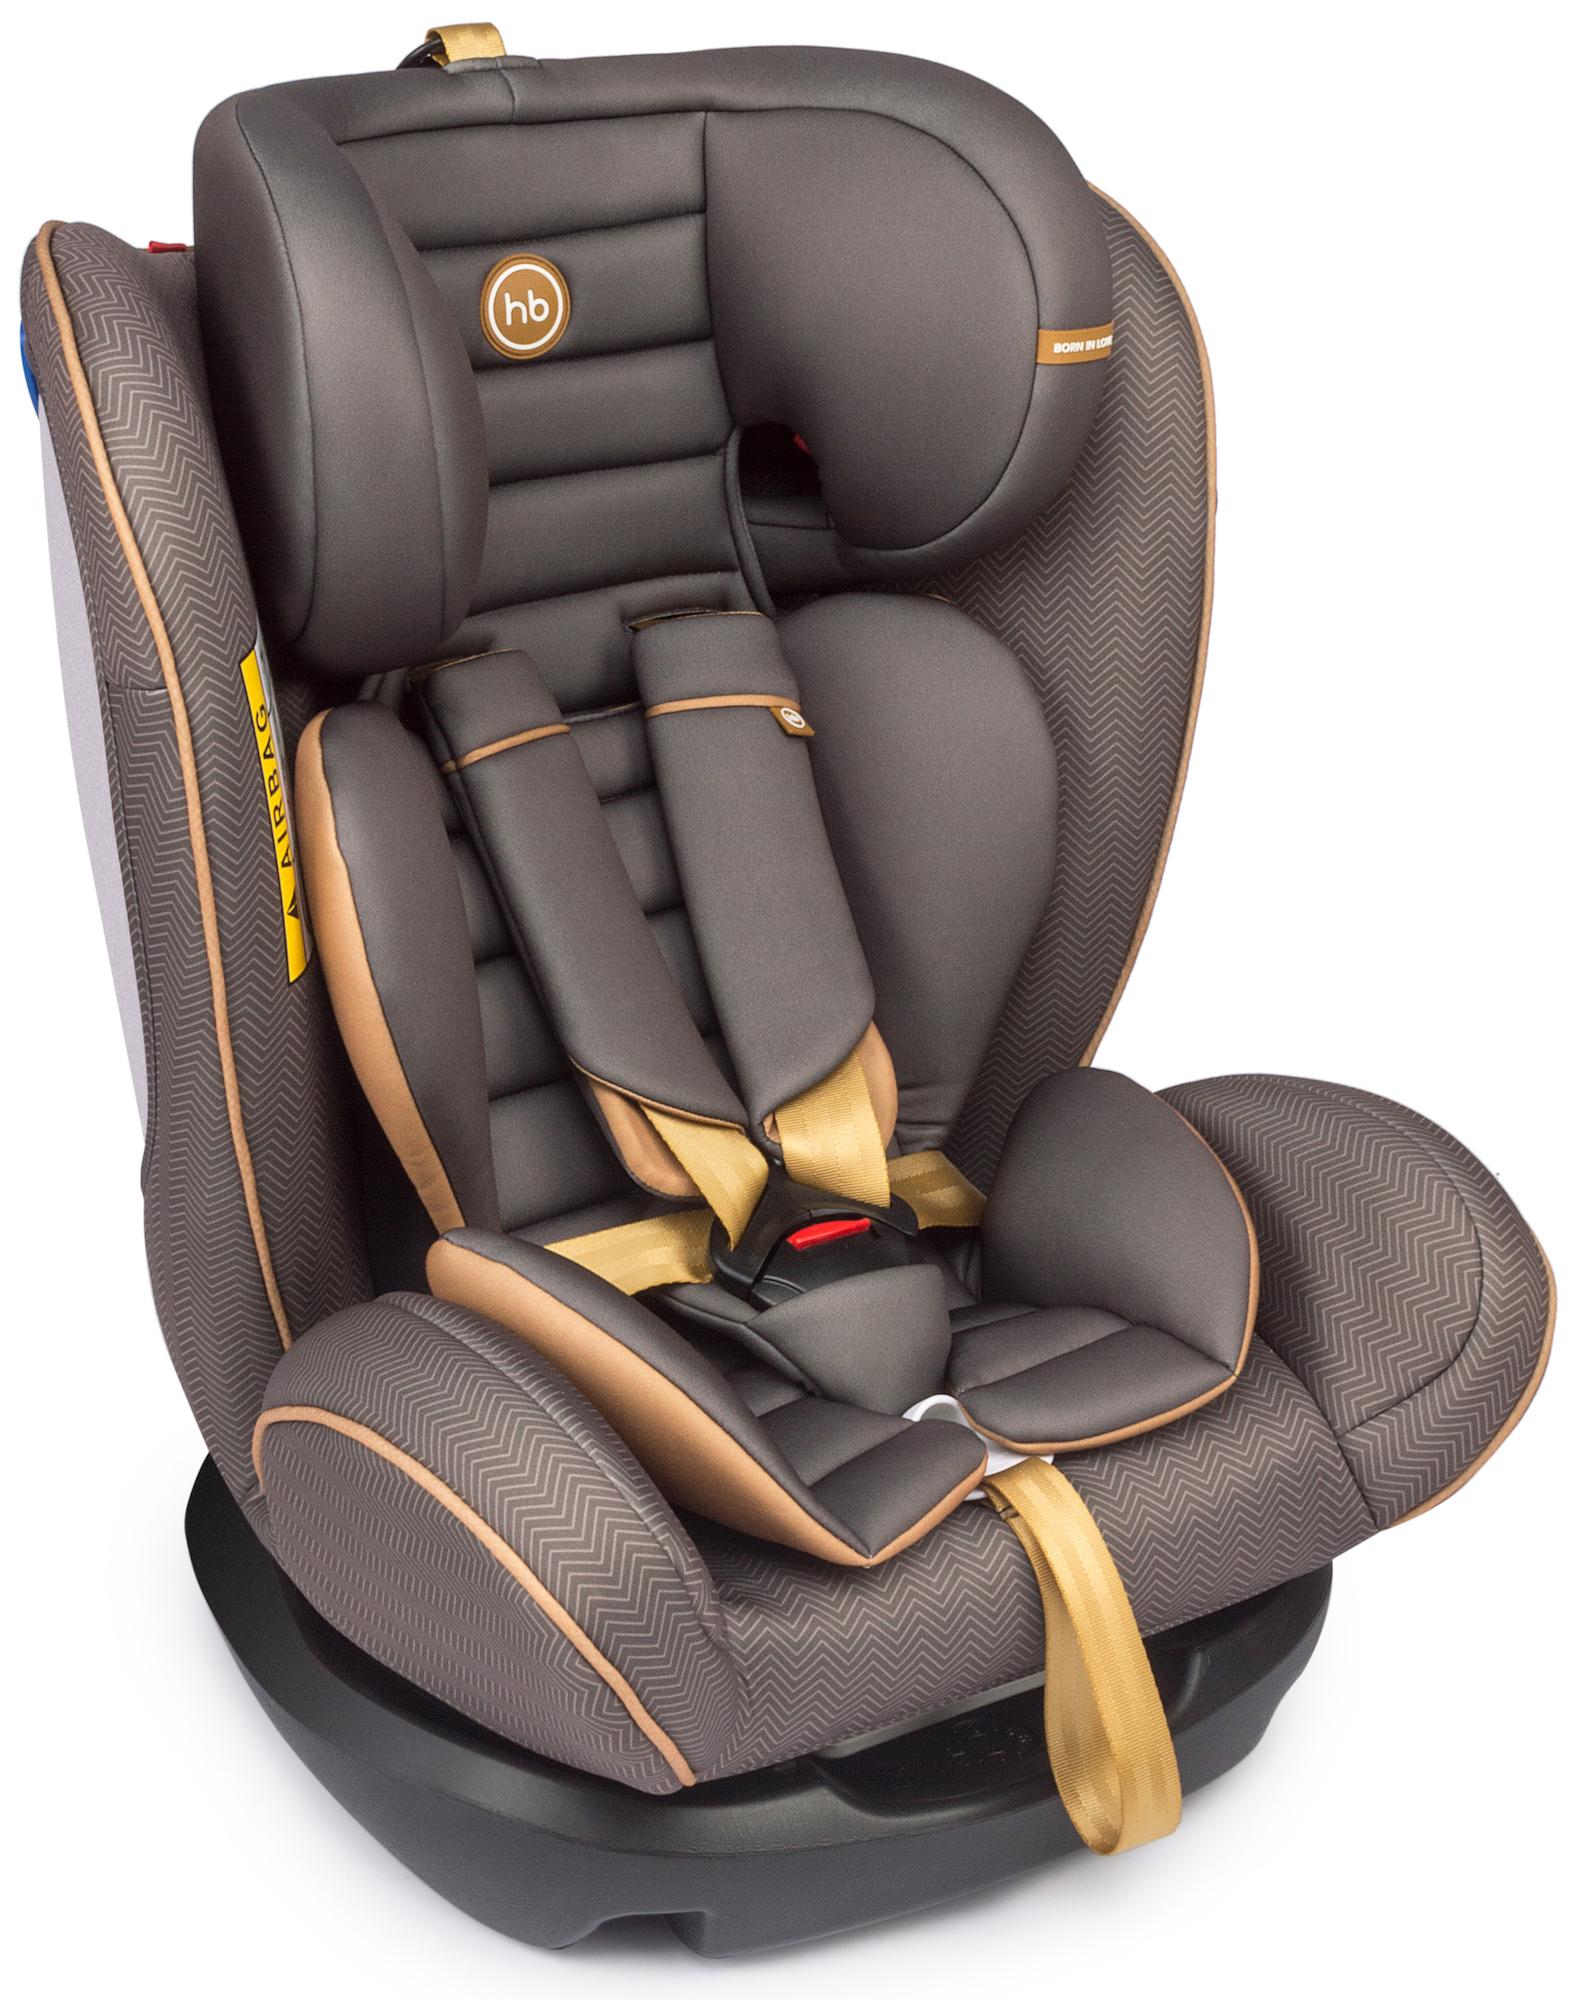 Автокресла группа 1/2/3 (9-36 кг) Happy baby Автокресло Happy Baby «Spector» 0-36 кг. коричневый автокресло happy baby spector black